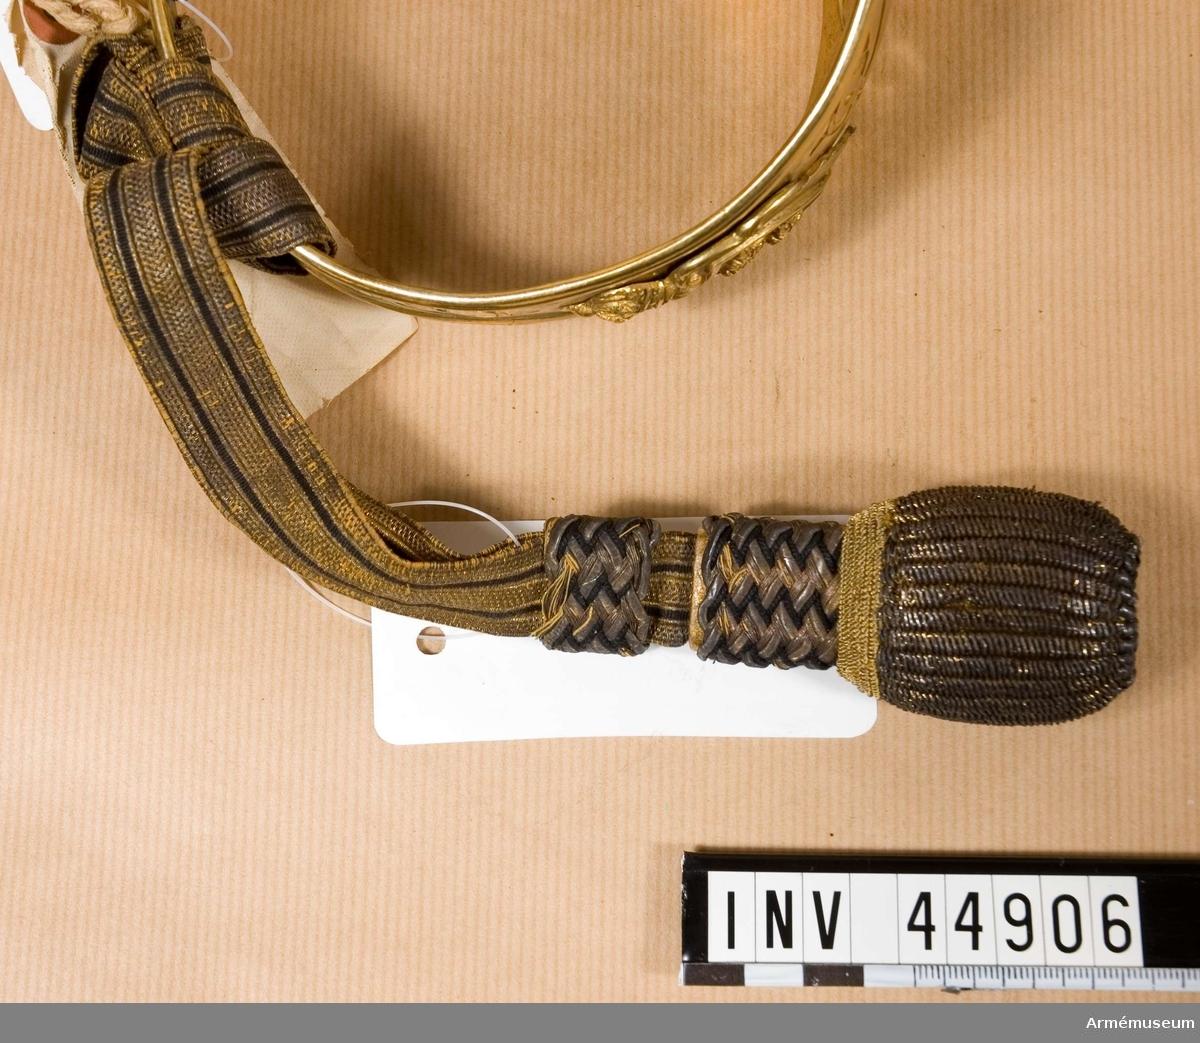 Grupp D II. Tillhör uniform m/1939 för Generalitetet AM 60719-35.